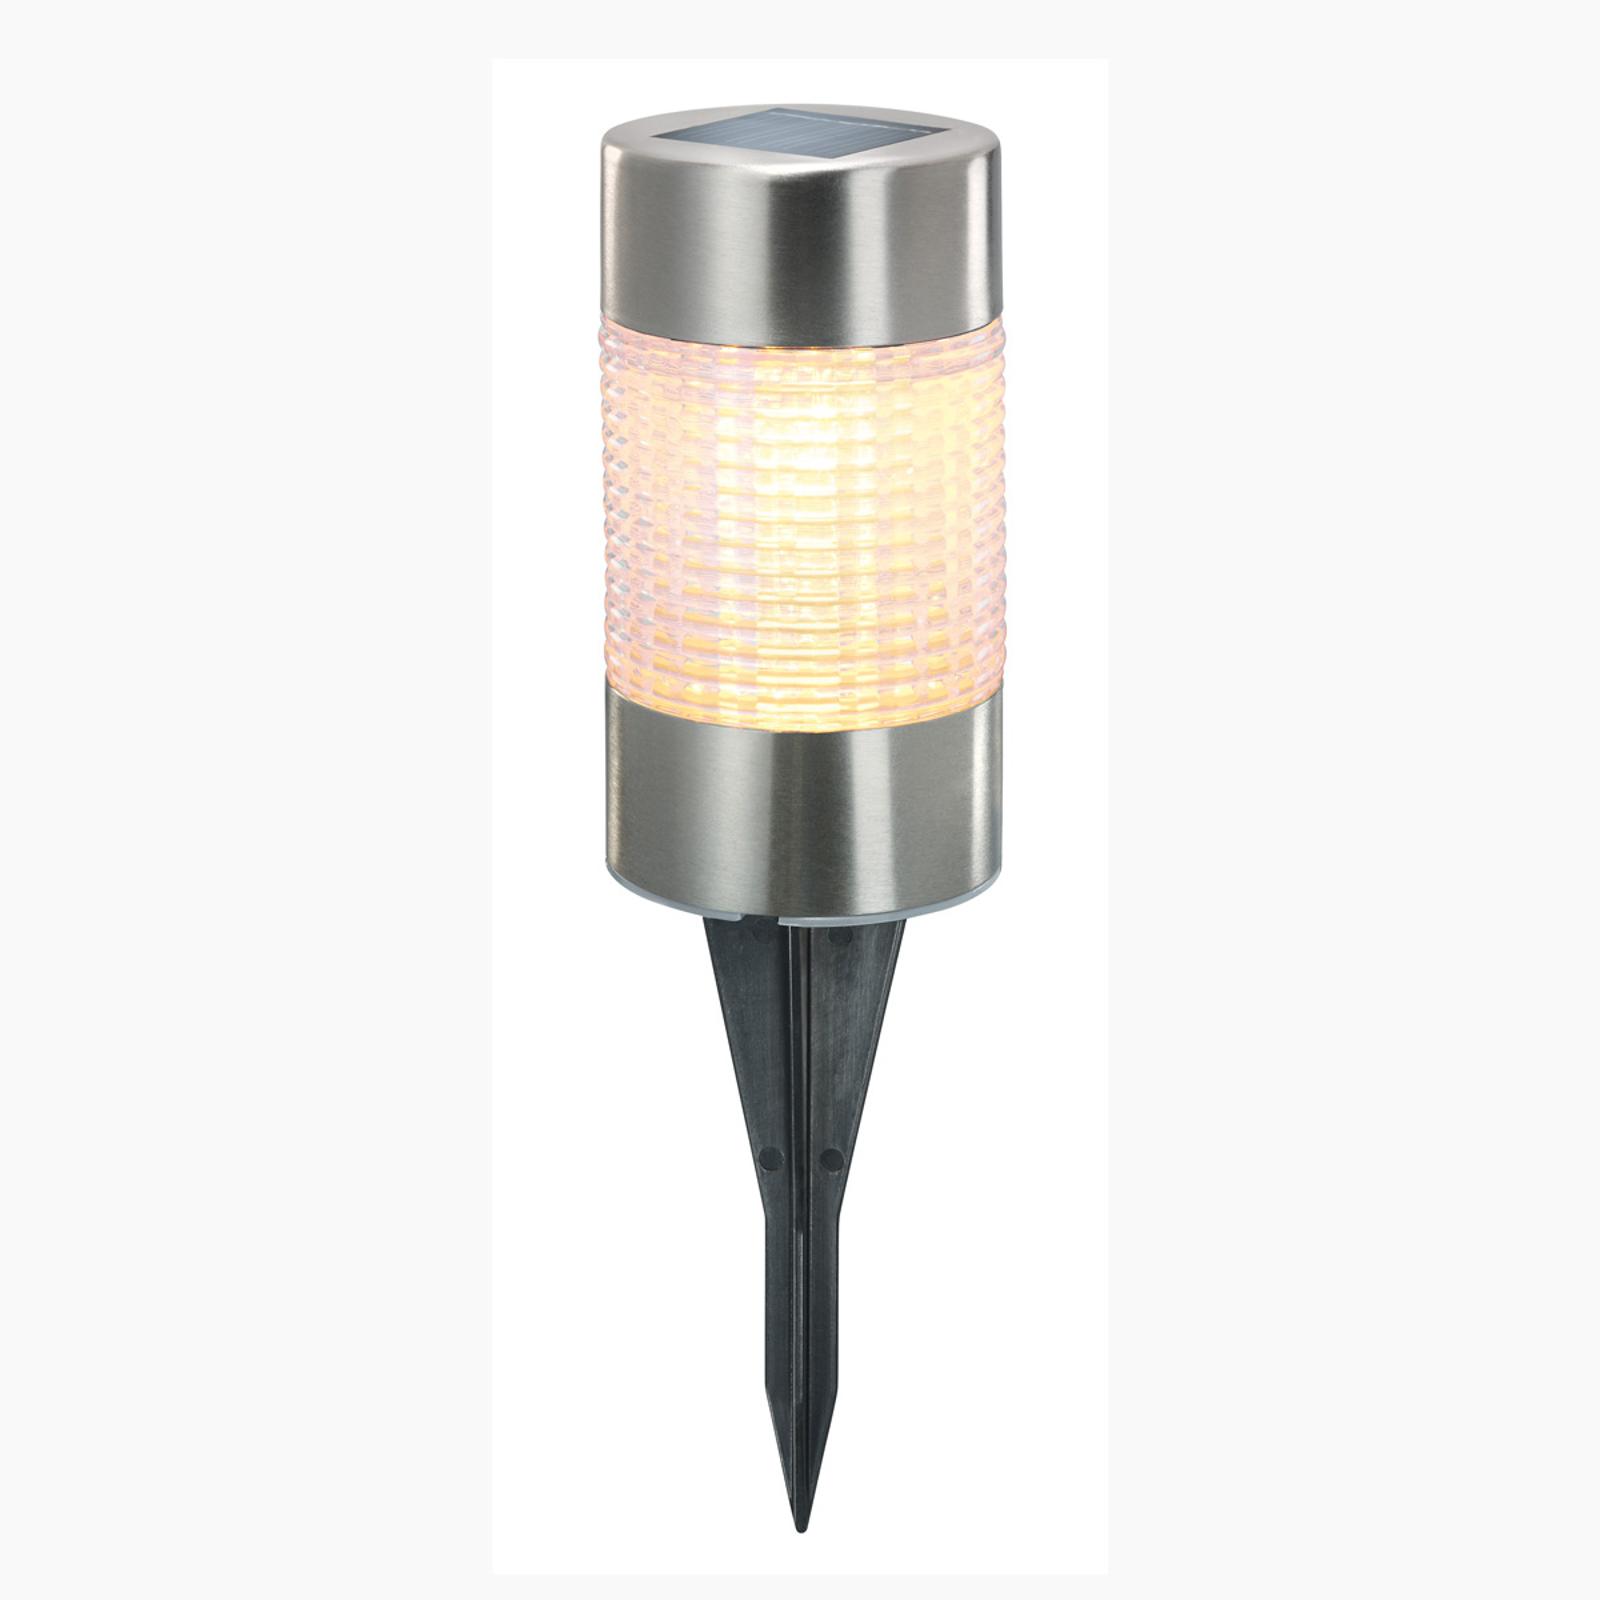 LED-Solarleuchte Puc Light